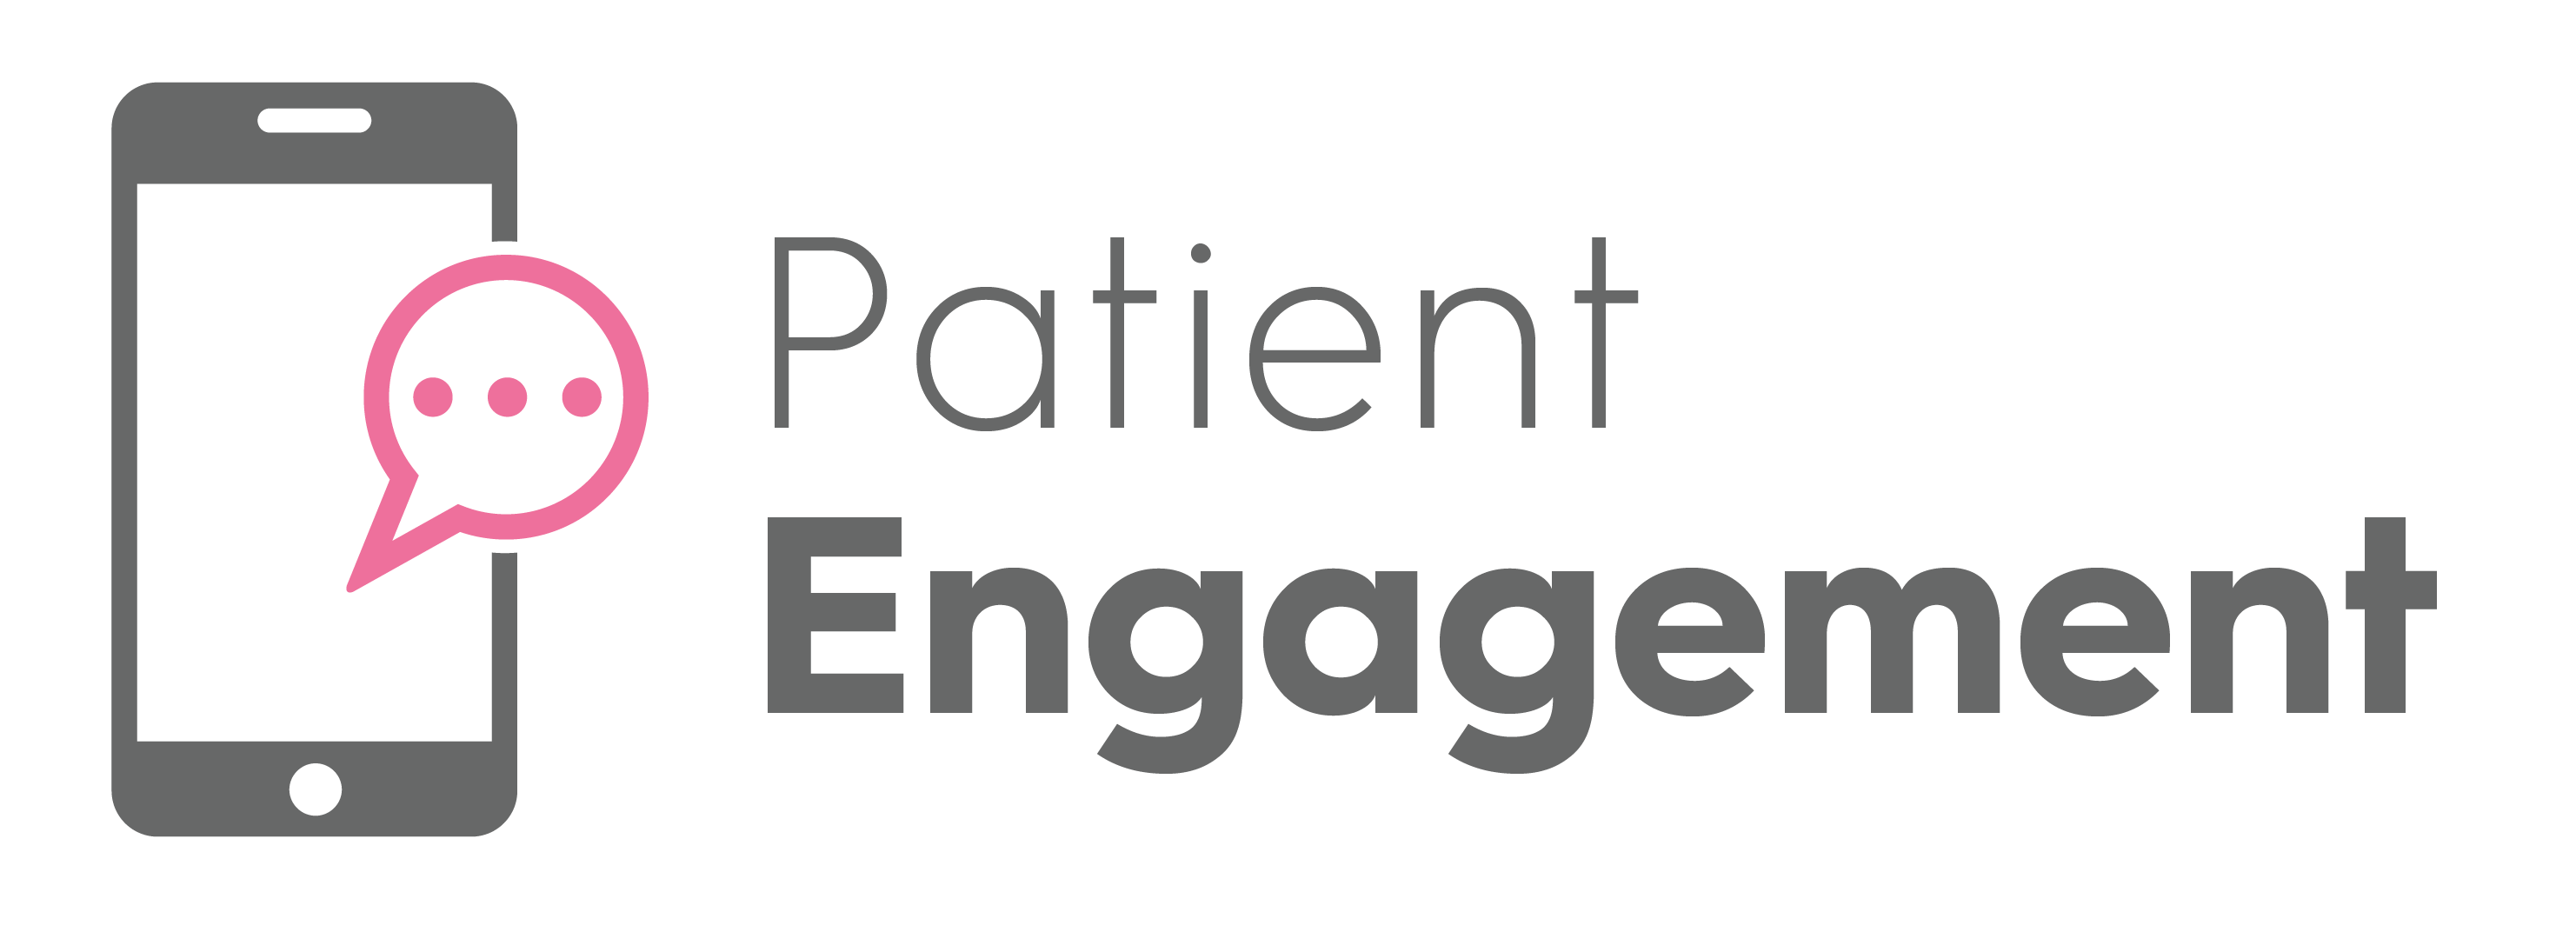 CHS_Patient engagement logo